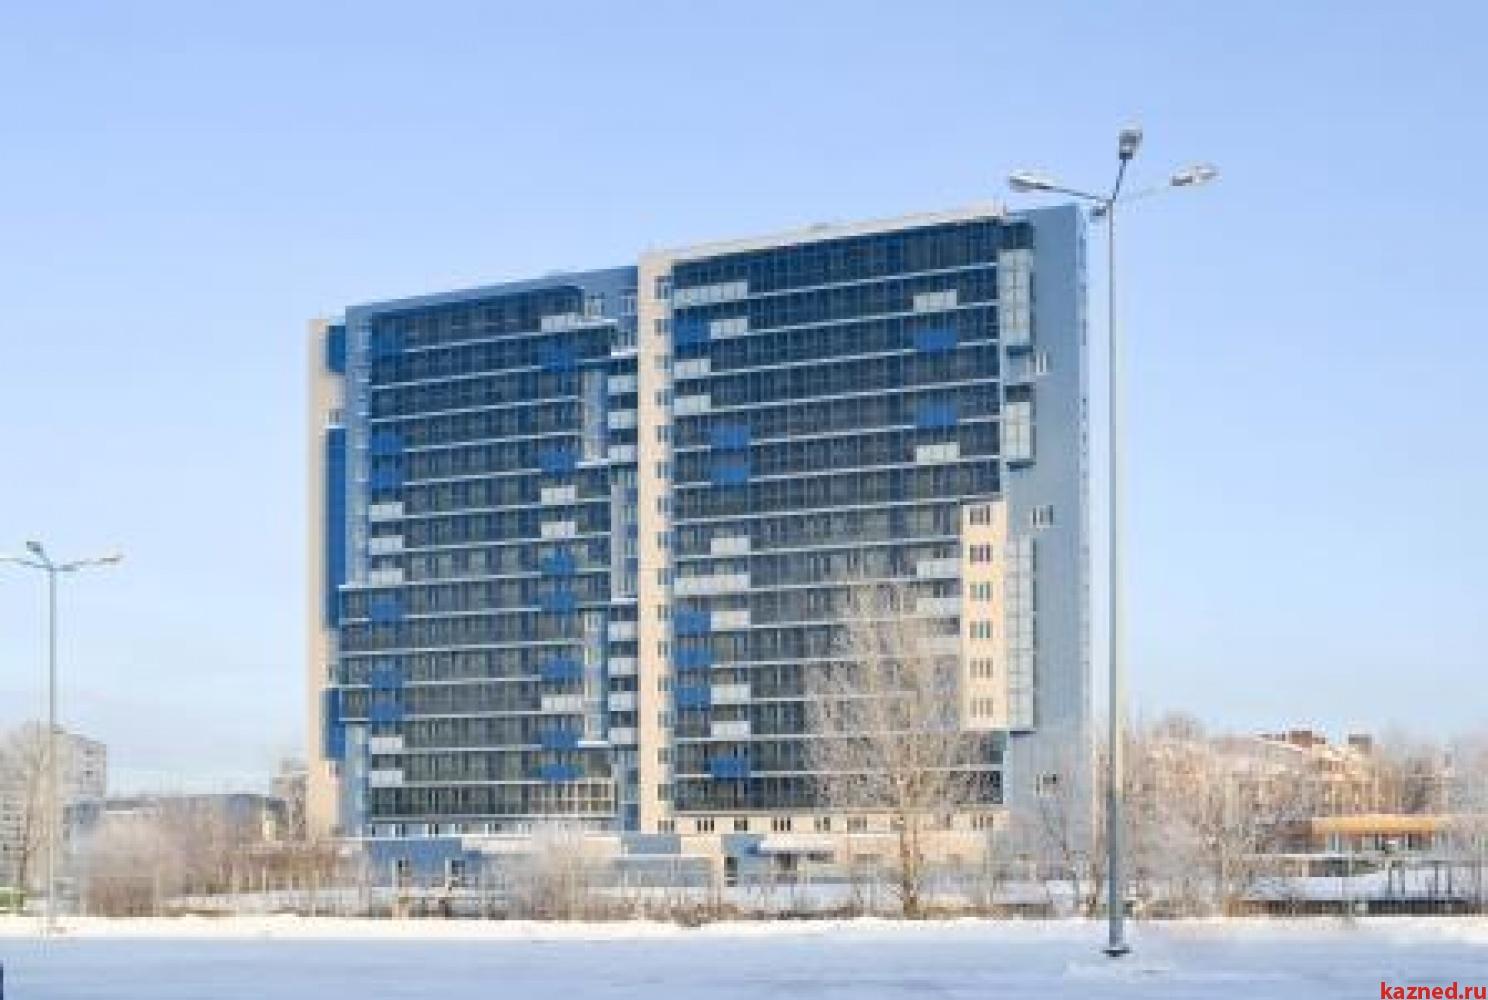 Продажа 2-к квартиры Проточная, 64 м²  (миниатюра №3)